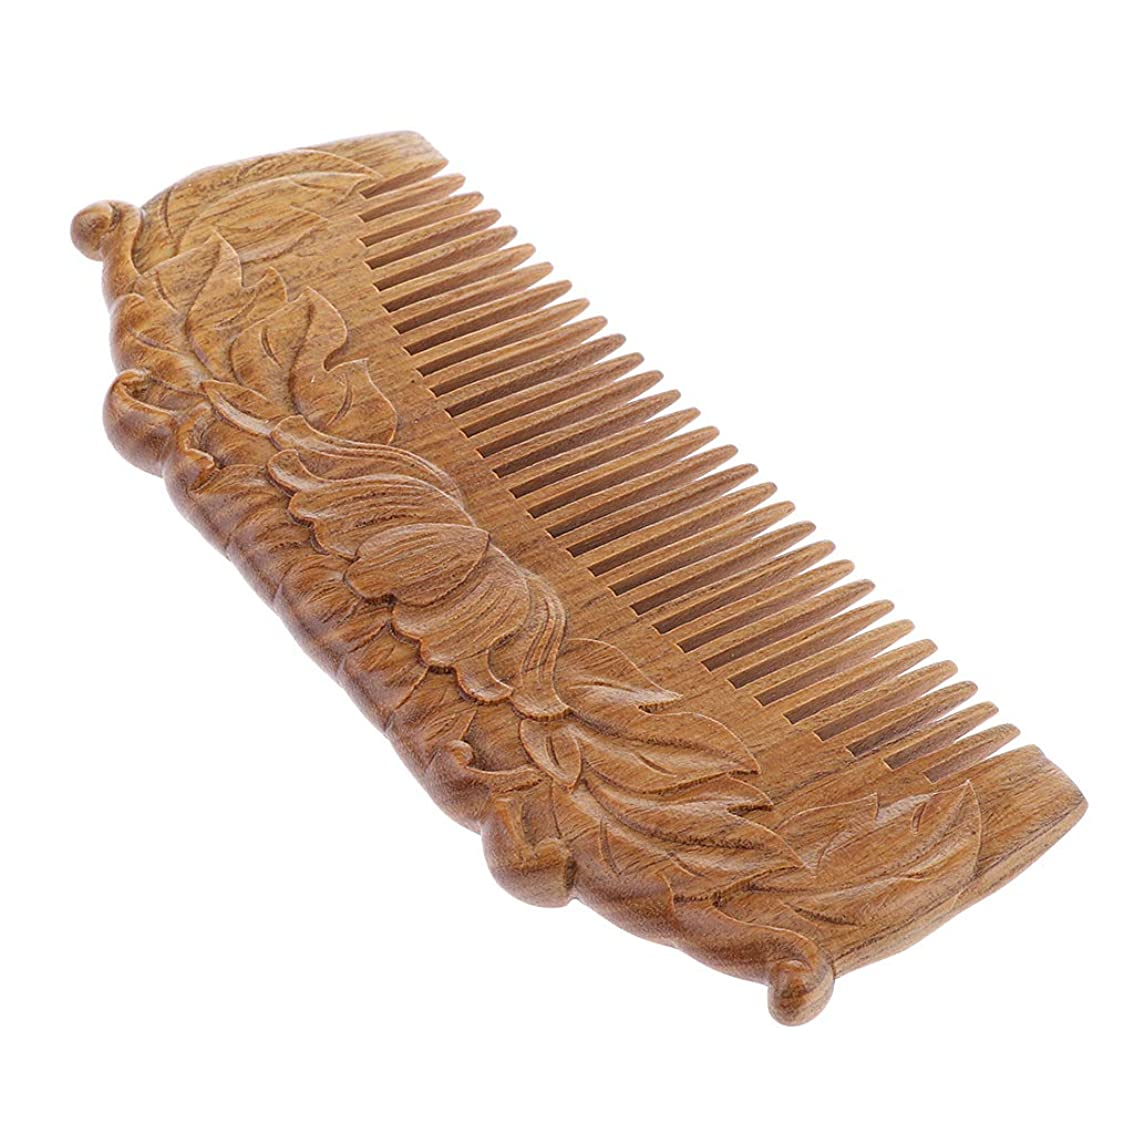 君主制酸度野菜F Fityle ウッドコーム 木製櫛 高品質 手作り 天然木 帯電防止櫛 頭皮マッサージ ヘアブラシ